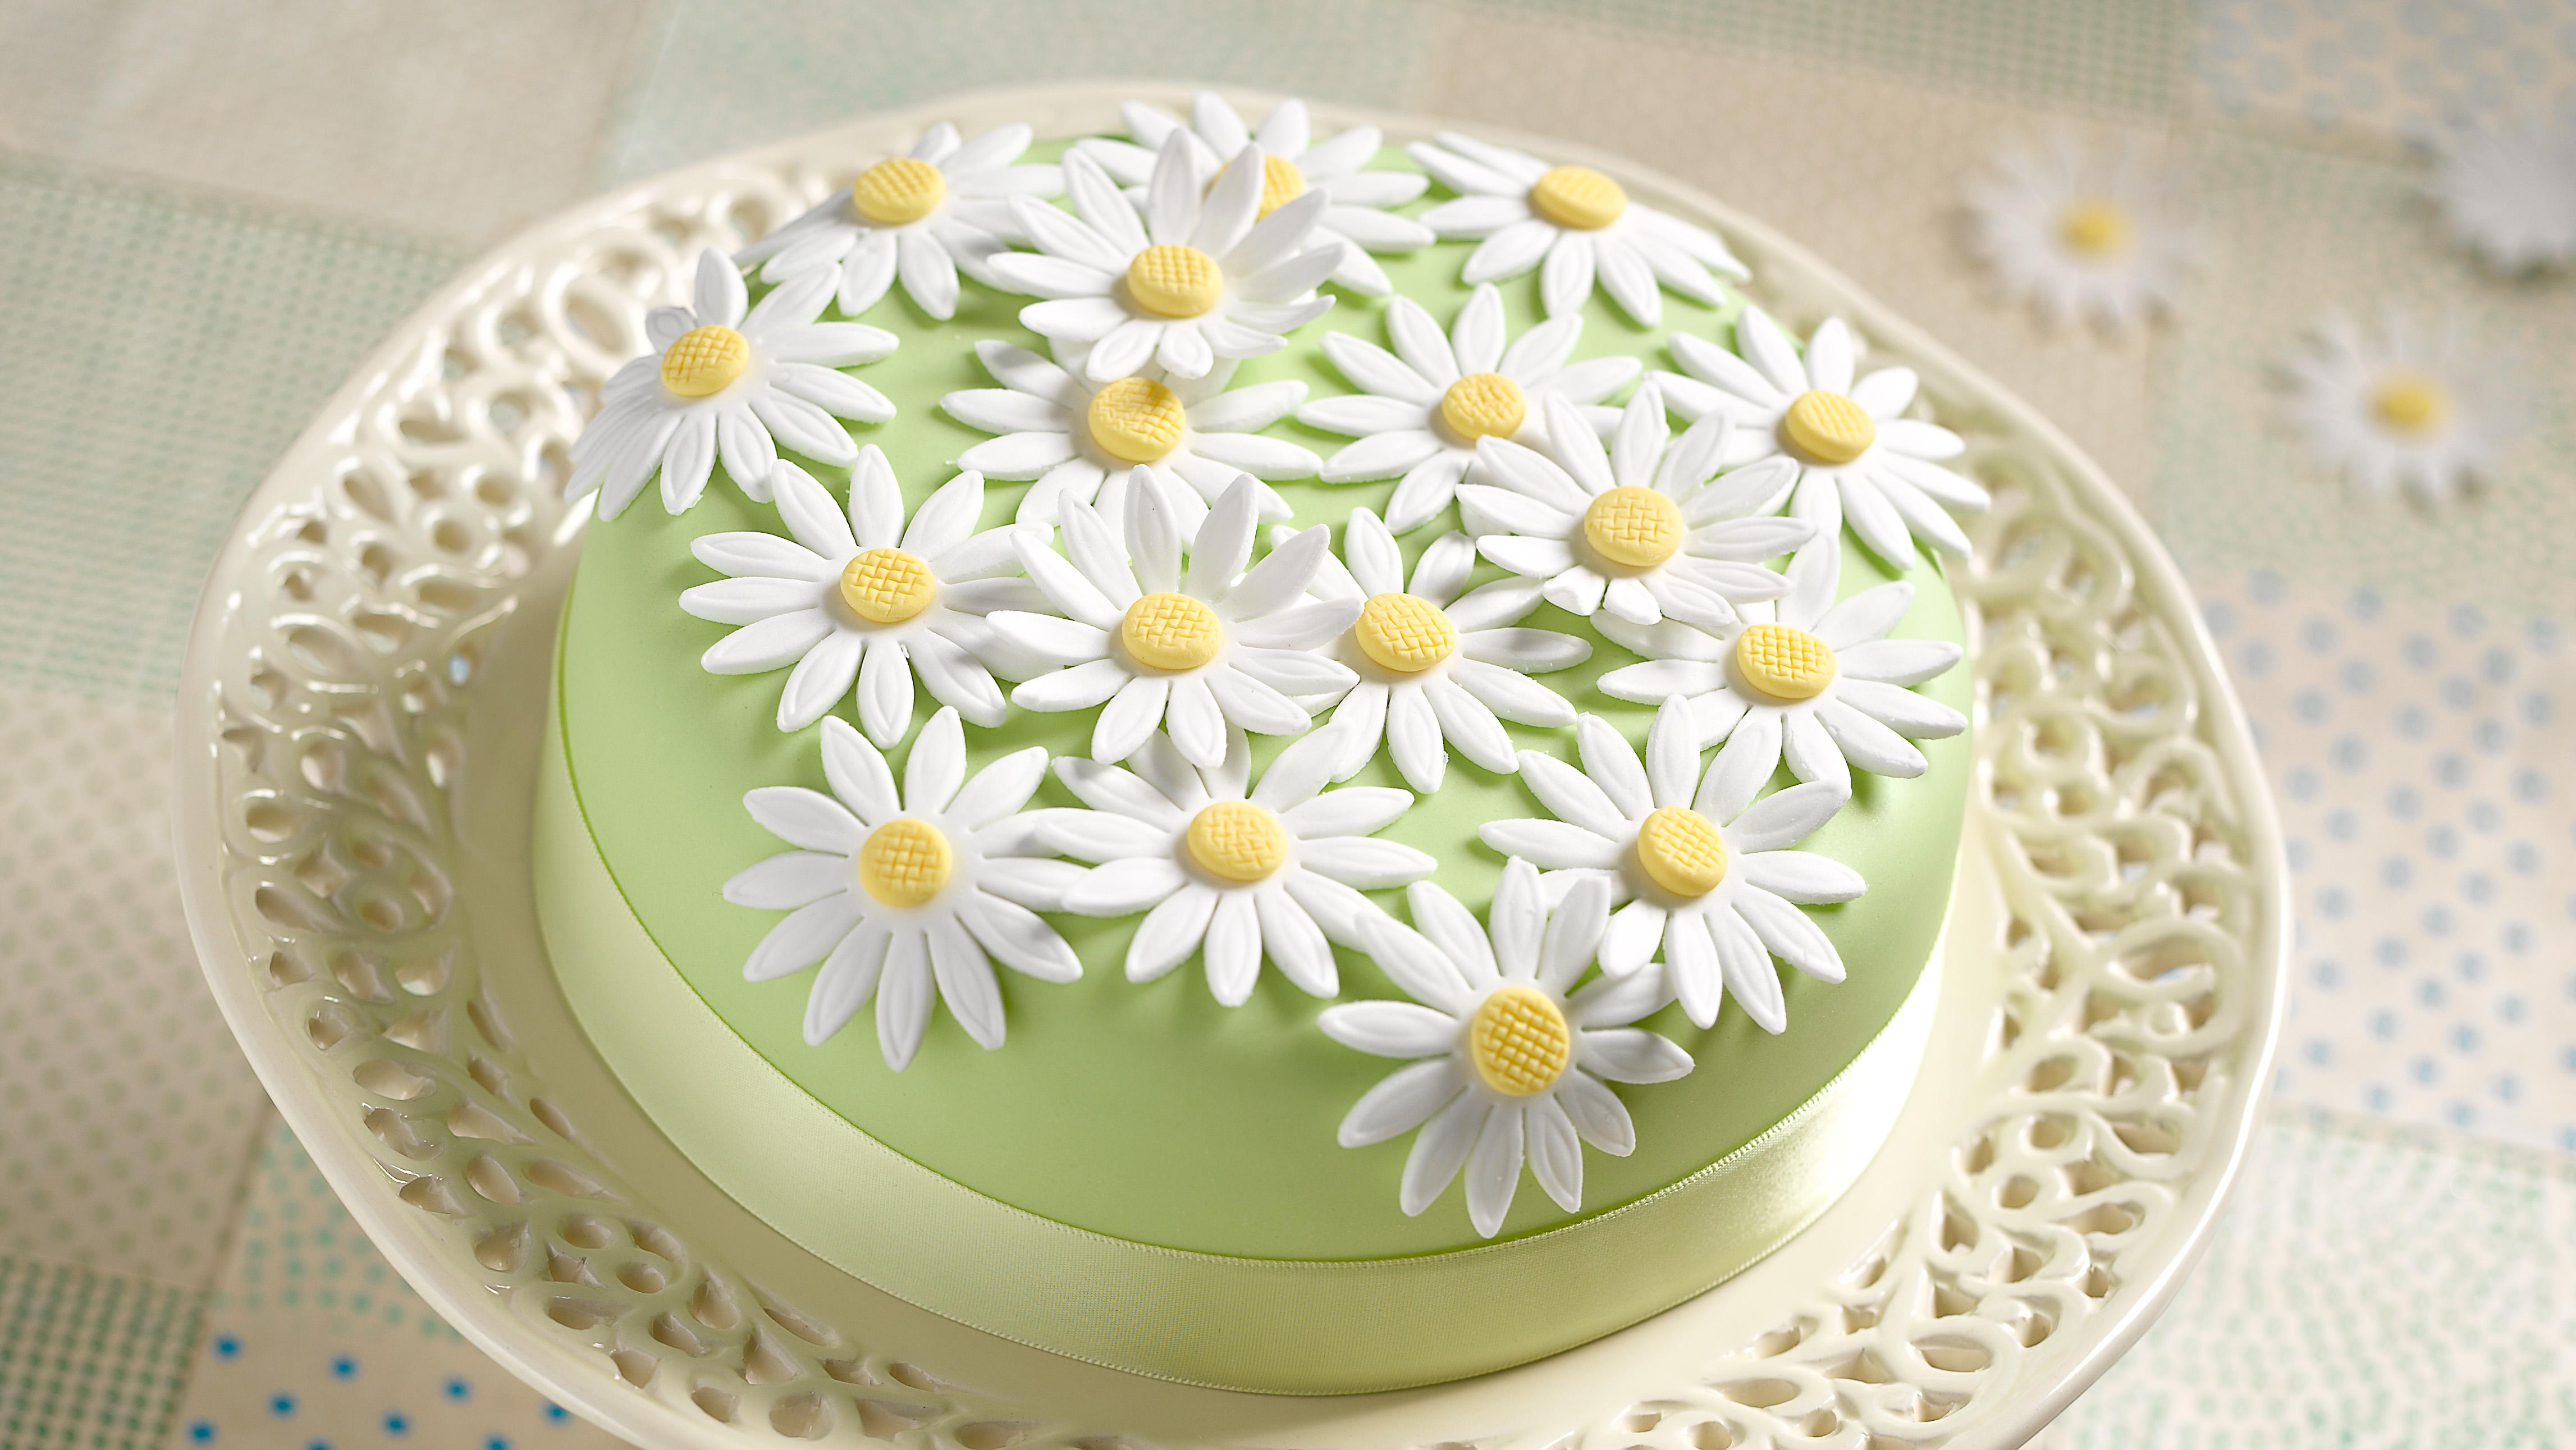 Daisy Cake Recipe